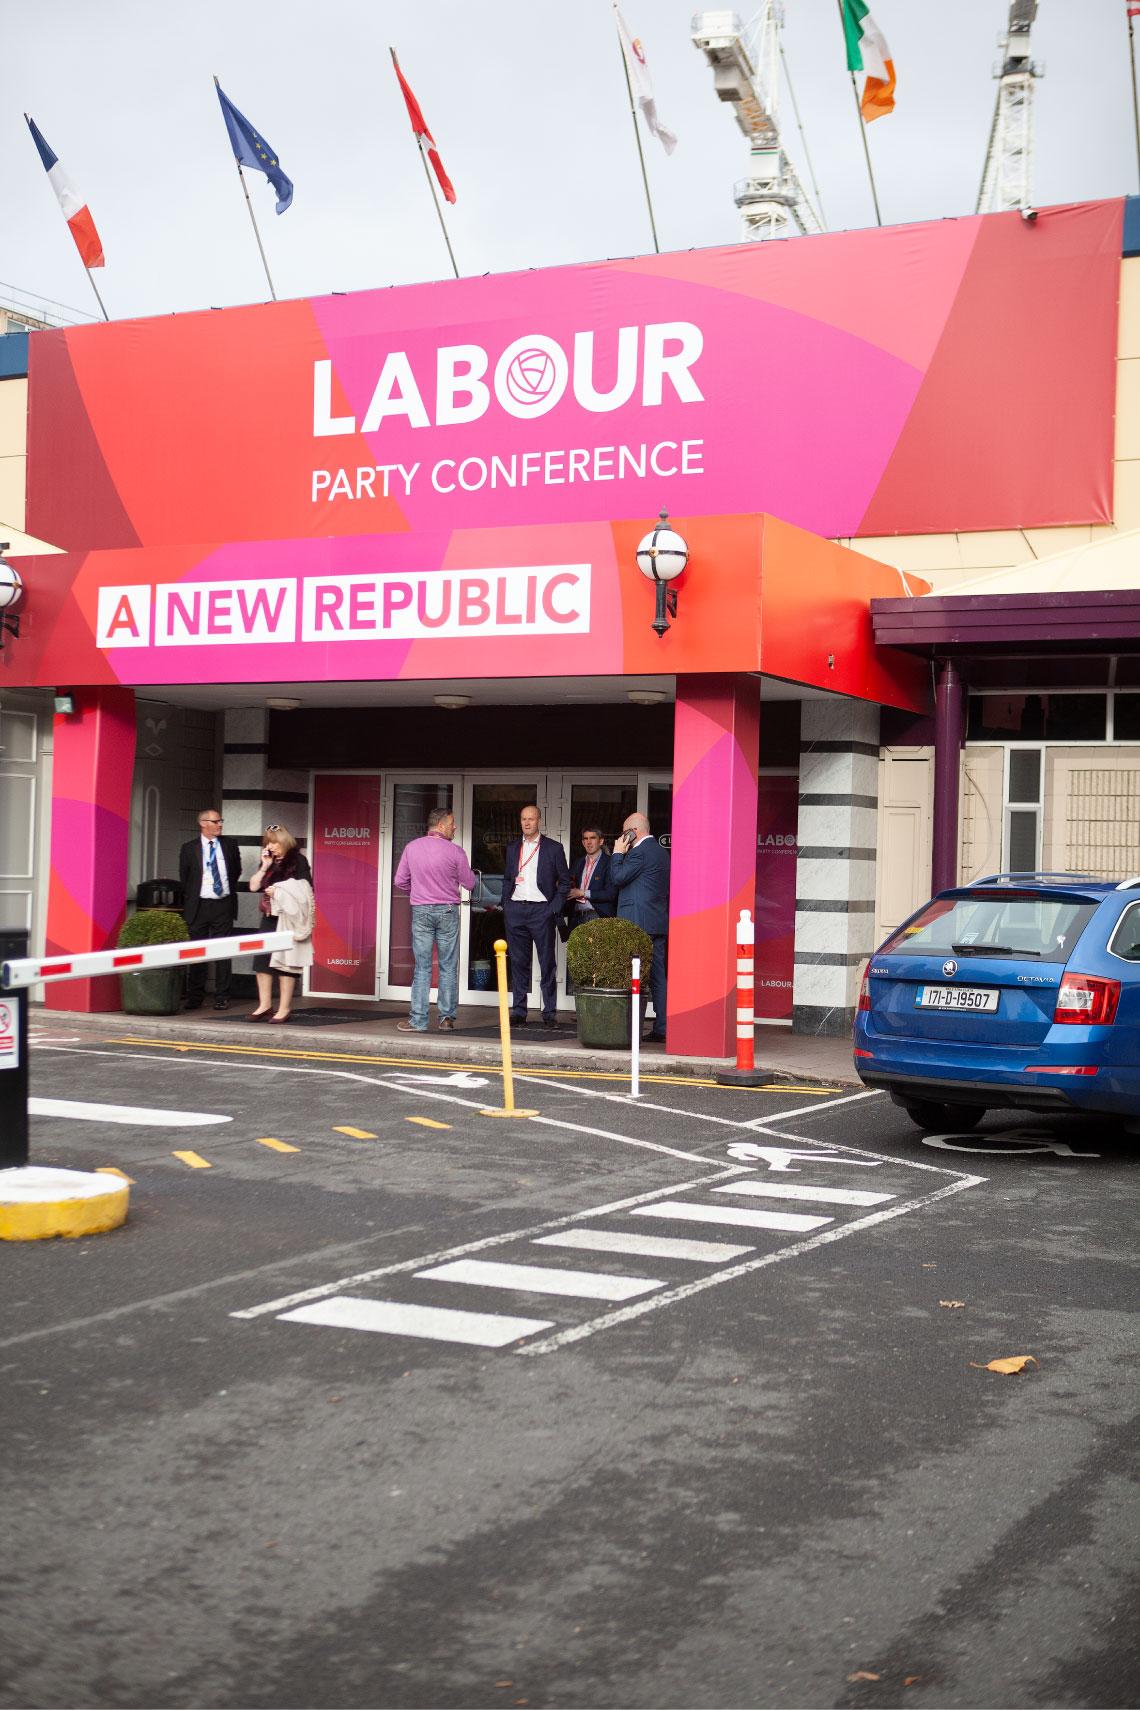 Labour_Conference_Exterior